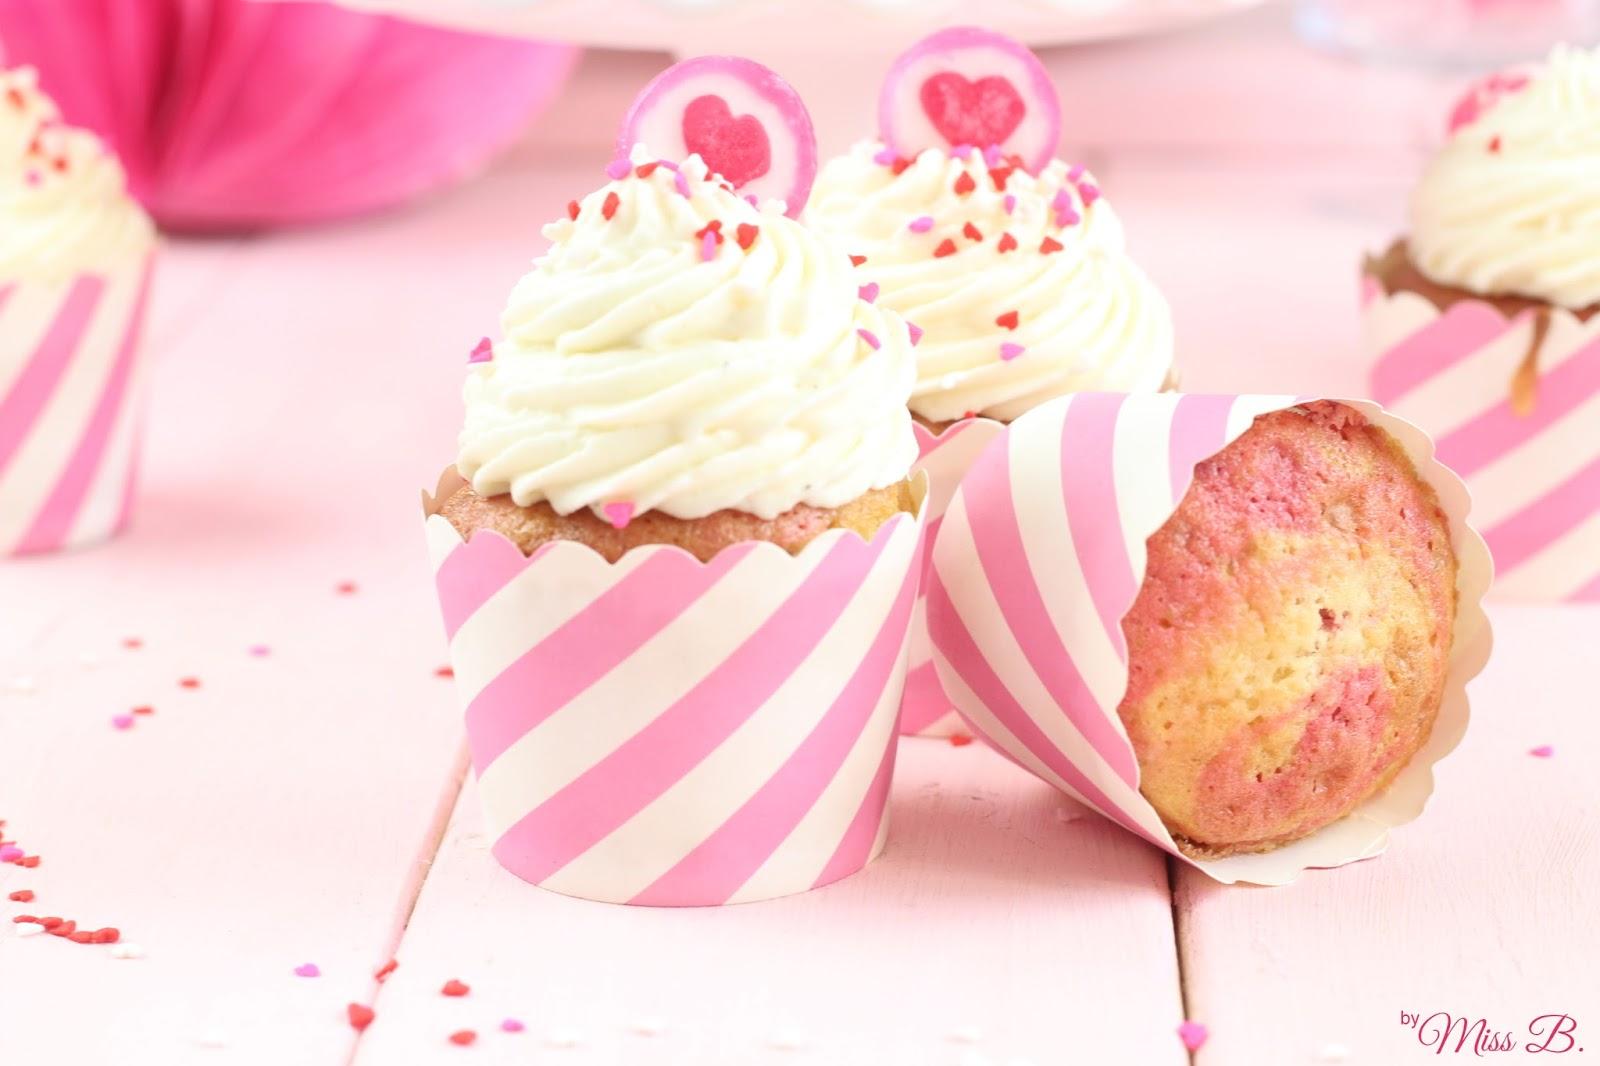 Fantastisch Cupcakes Färbung Seite Ideen - Druckbare Malvorlagen ...